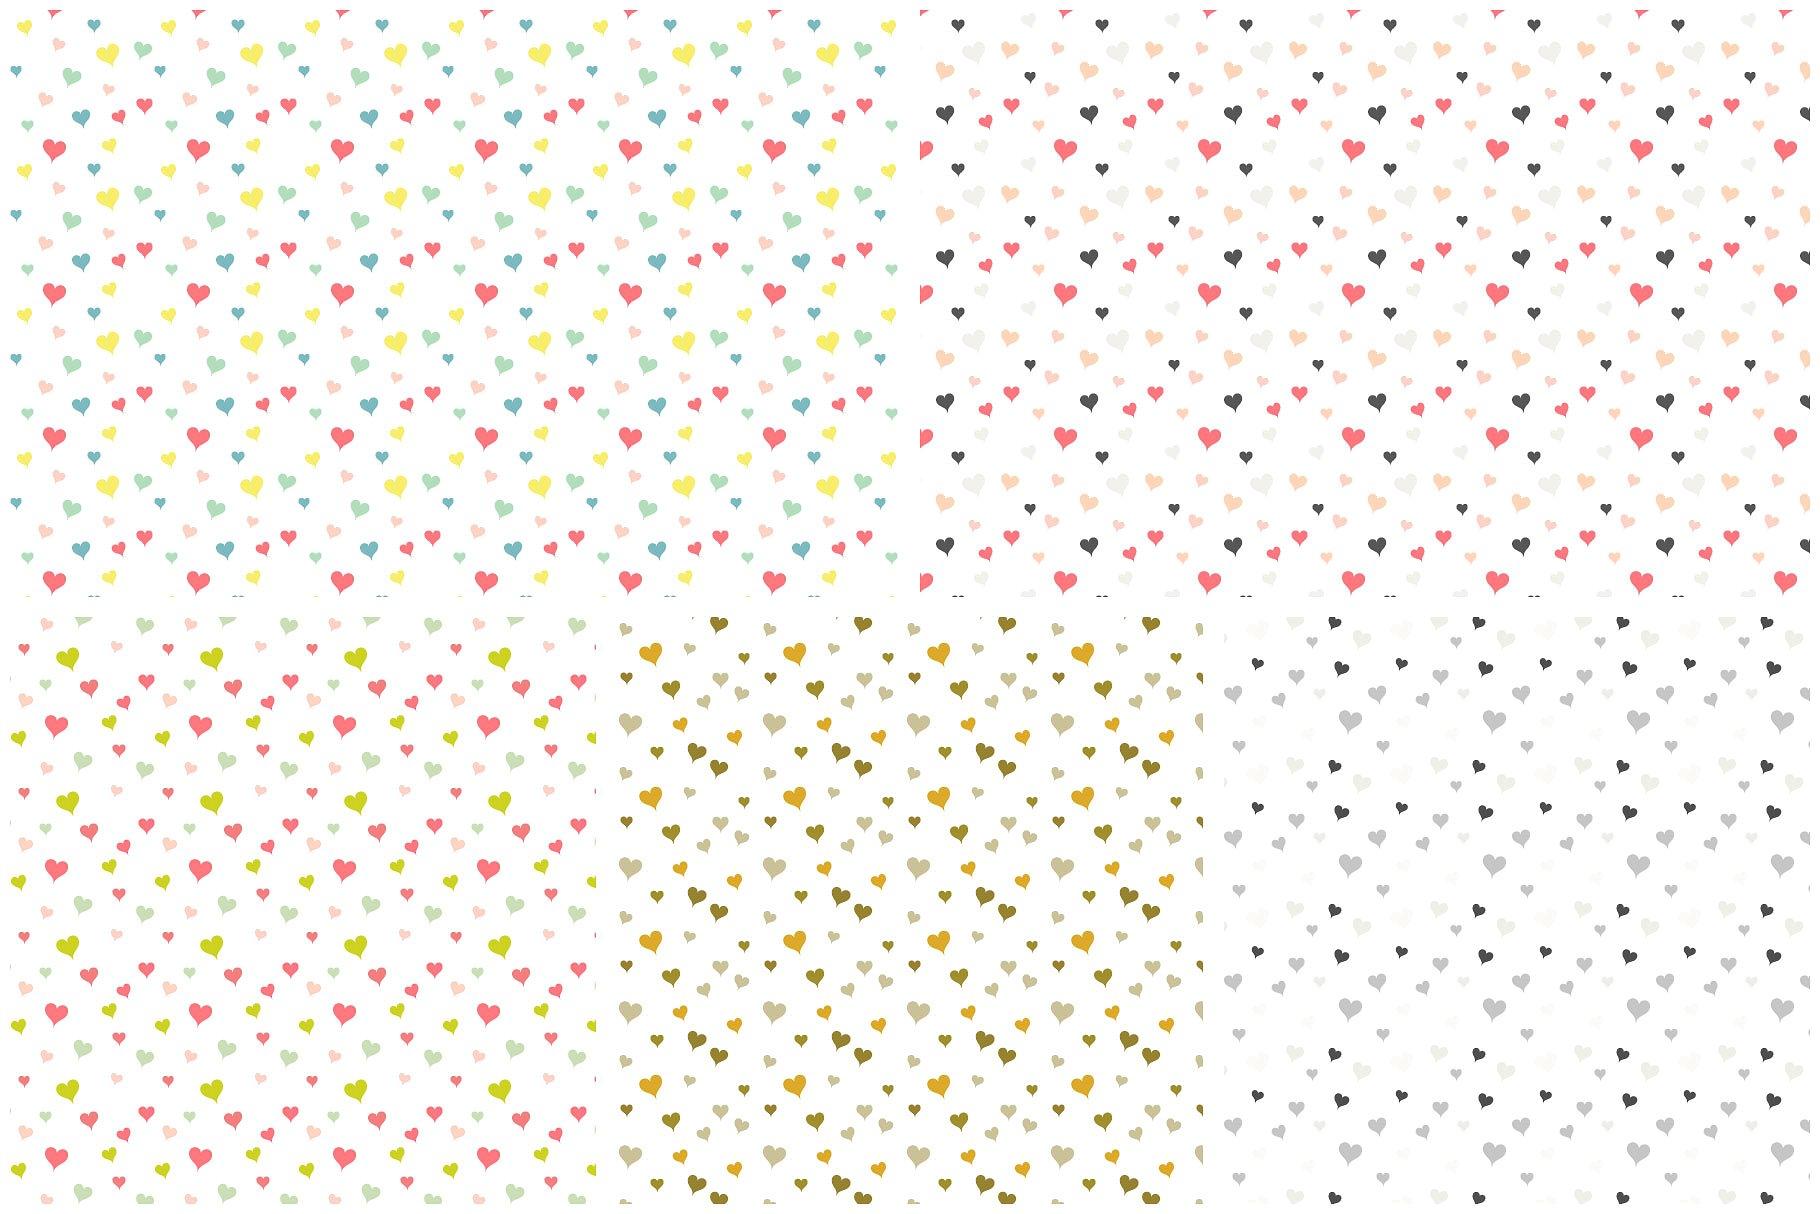 爱心点状图案画笔 Confetti Scatter Brushes & Patterns设计素材模板